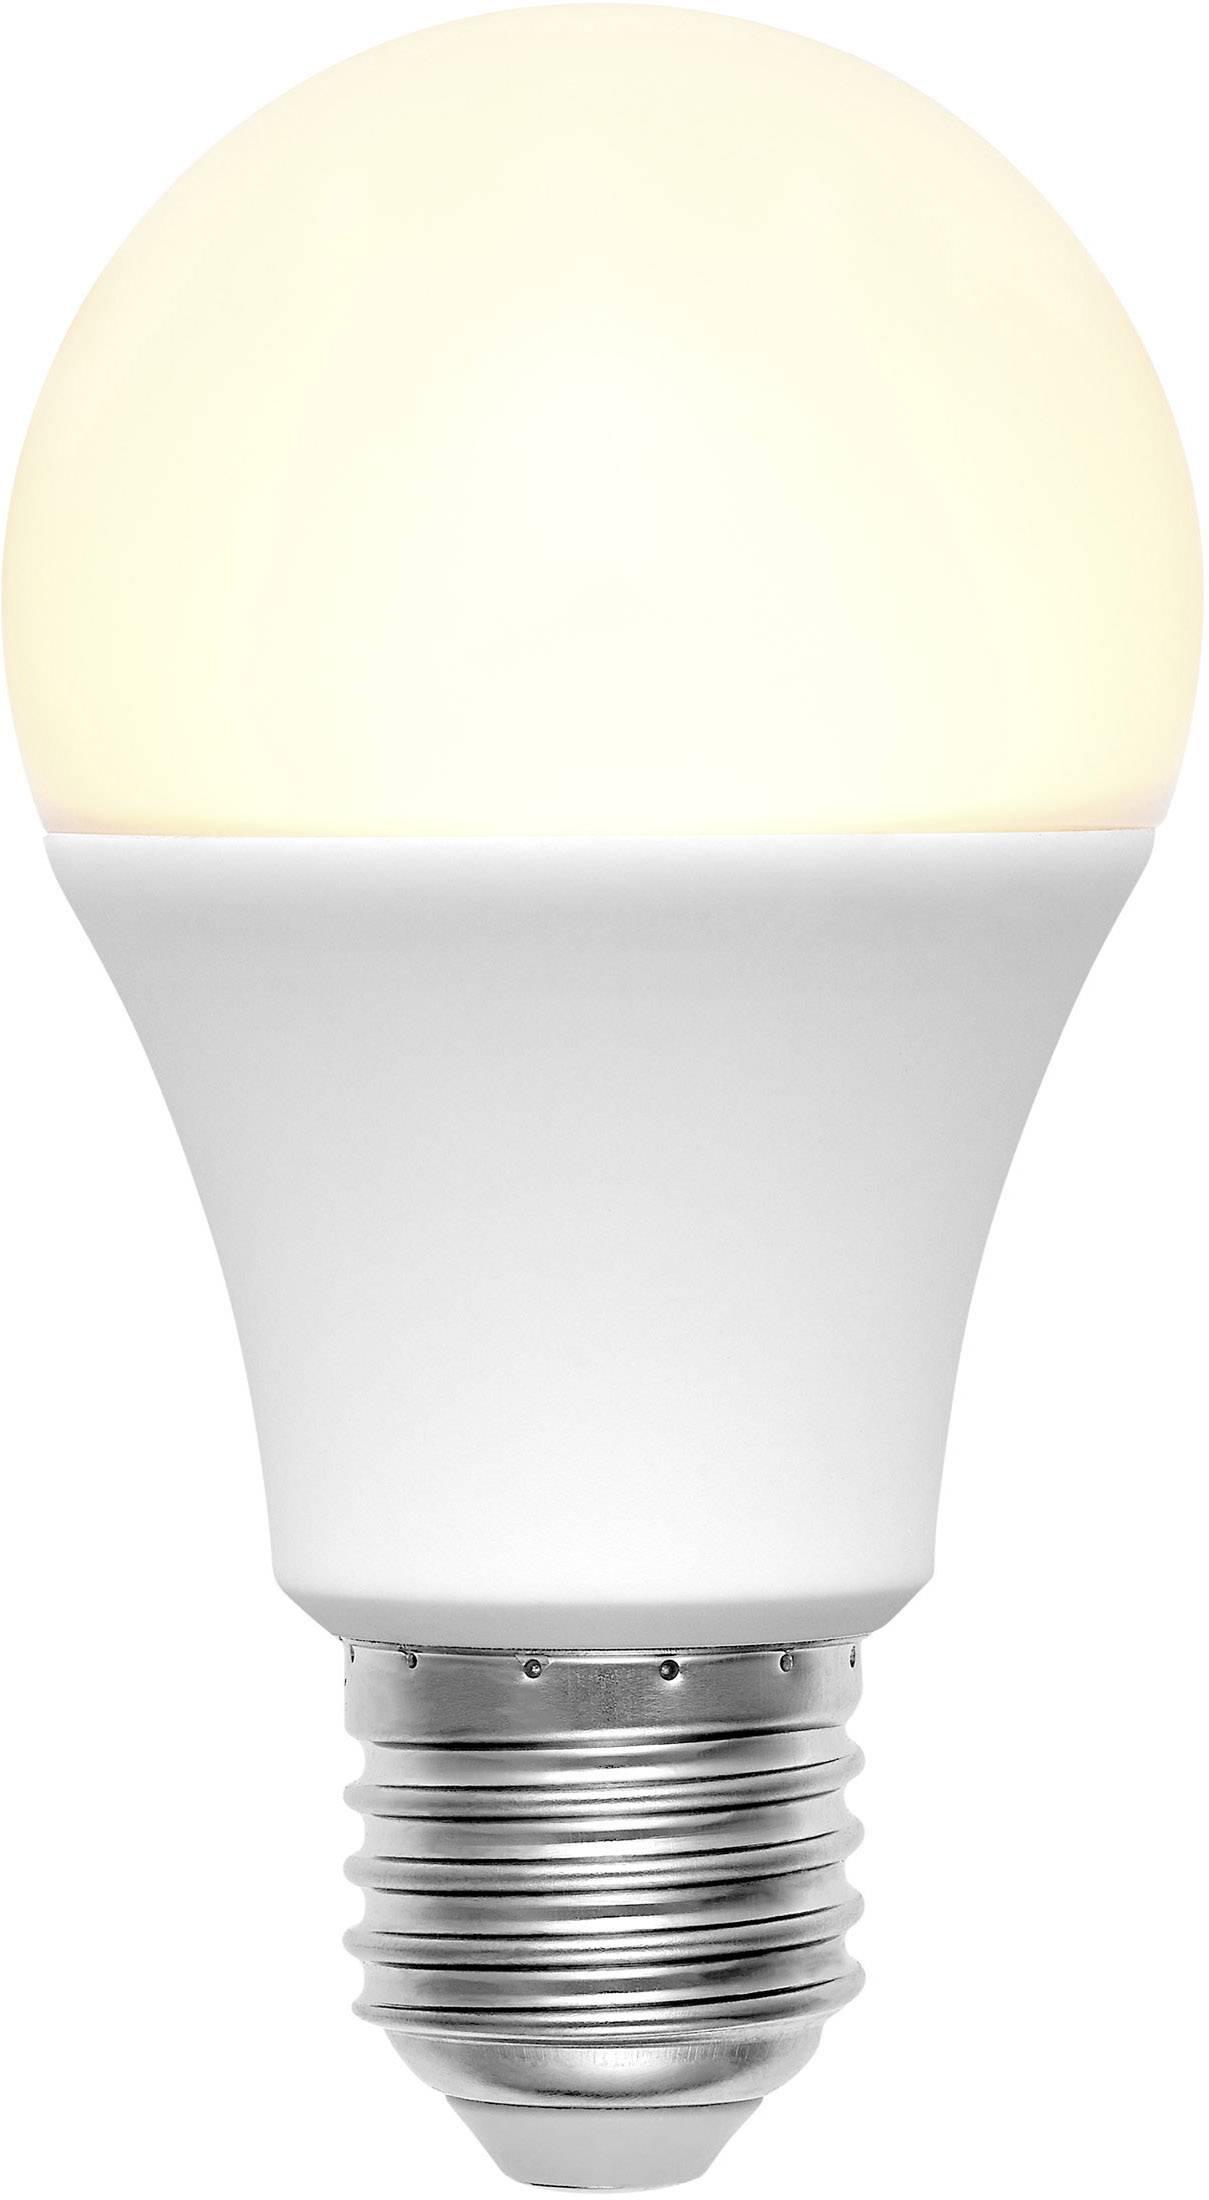 LED žárovka Basetech 1491170 230 V, E27, 9 W = 60 W, teplá bílá, A+, 1 ks